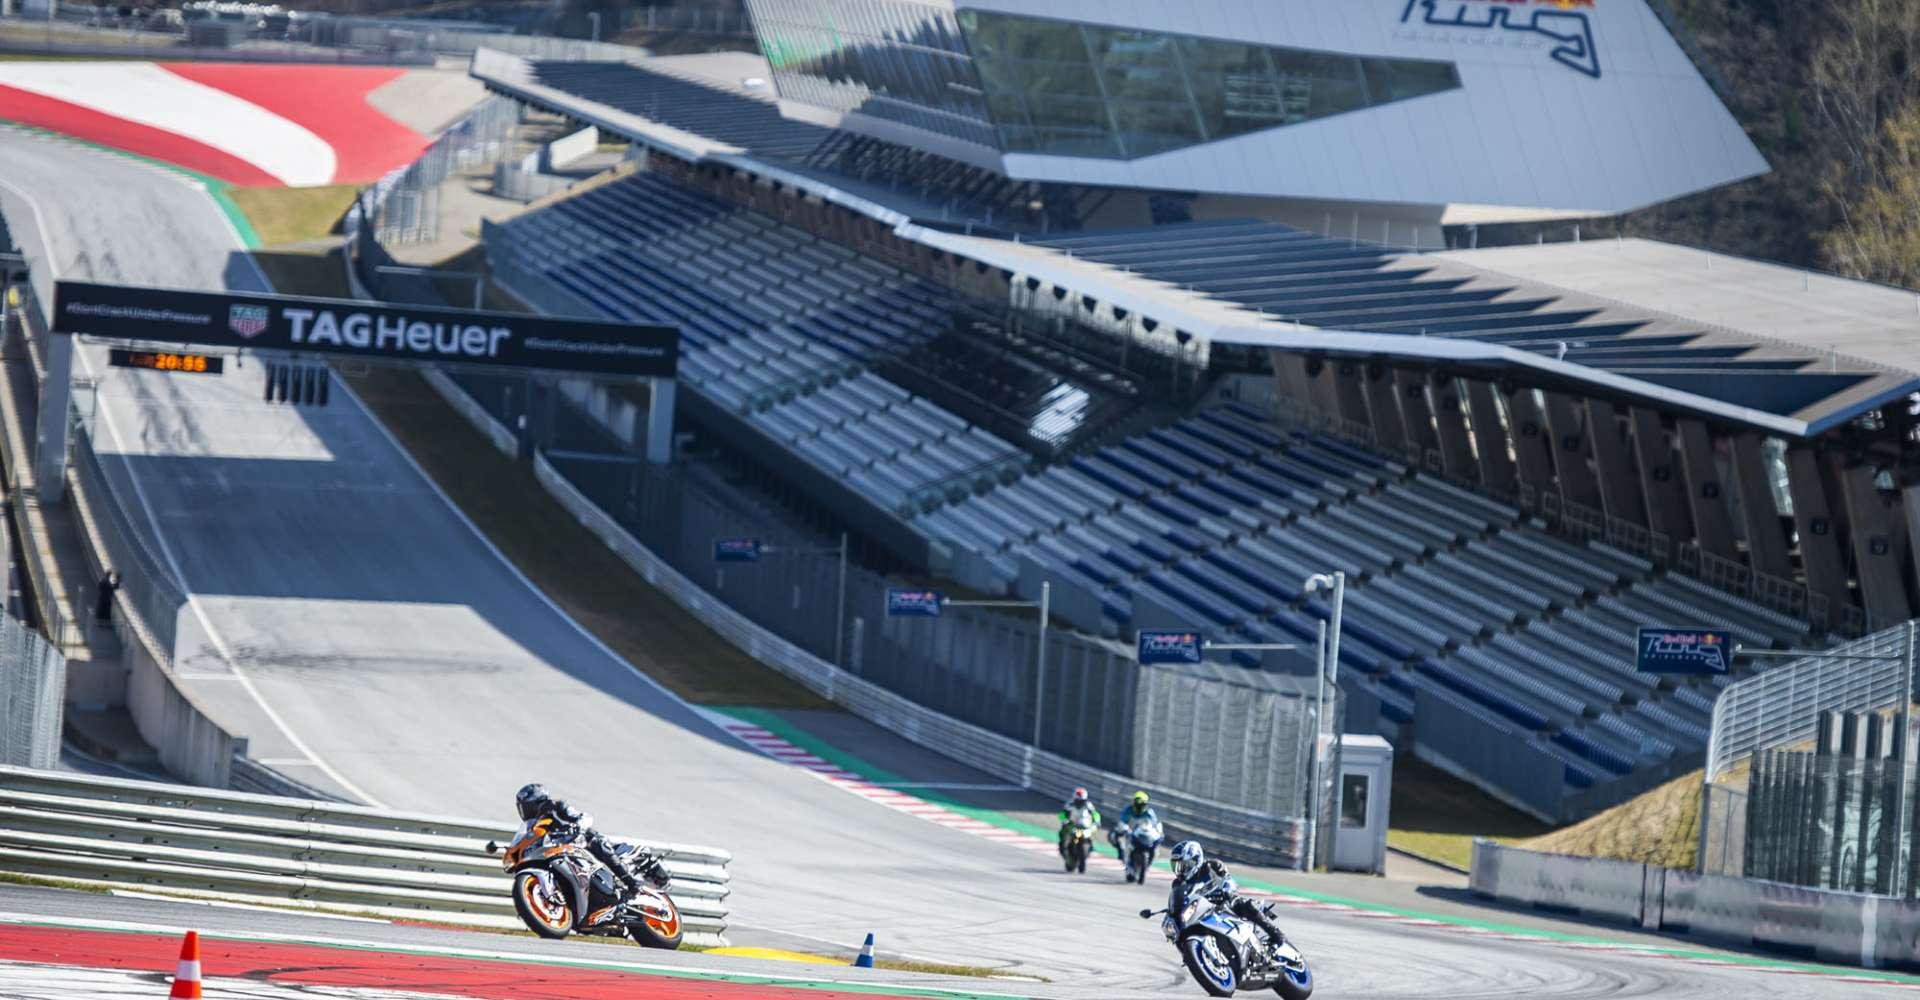 <p>Mit Motorrädern selbst auf der Rennstrecke unterwegs.</p> Copyright: